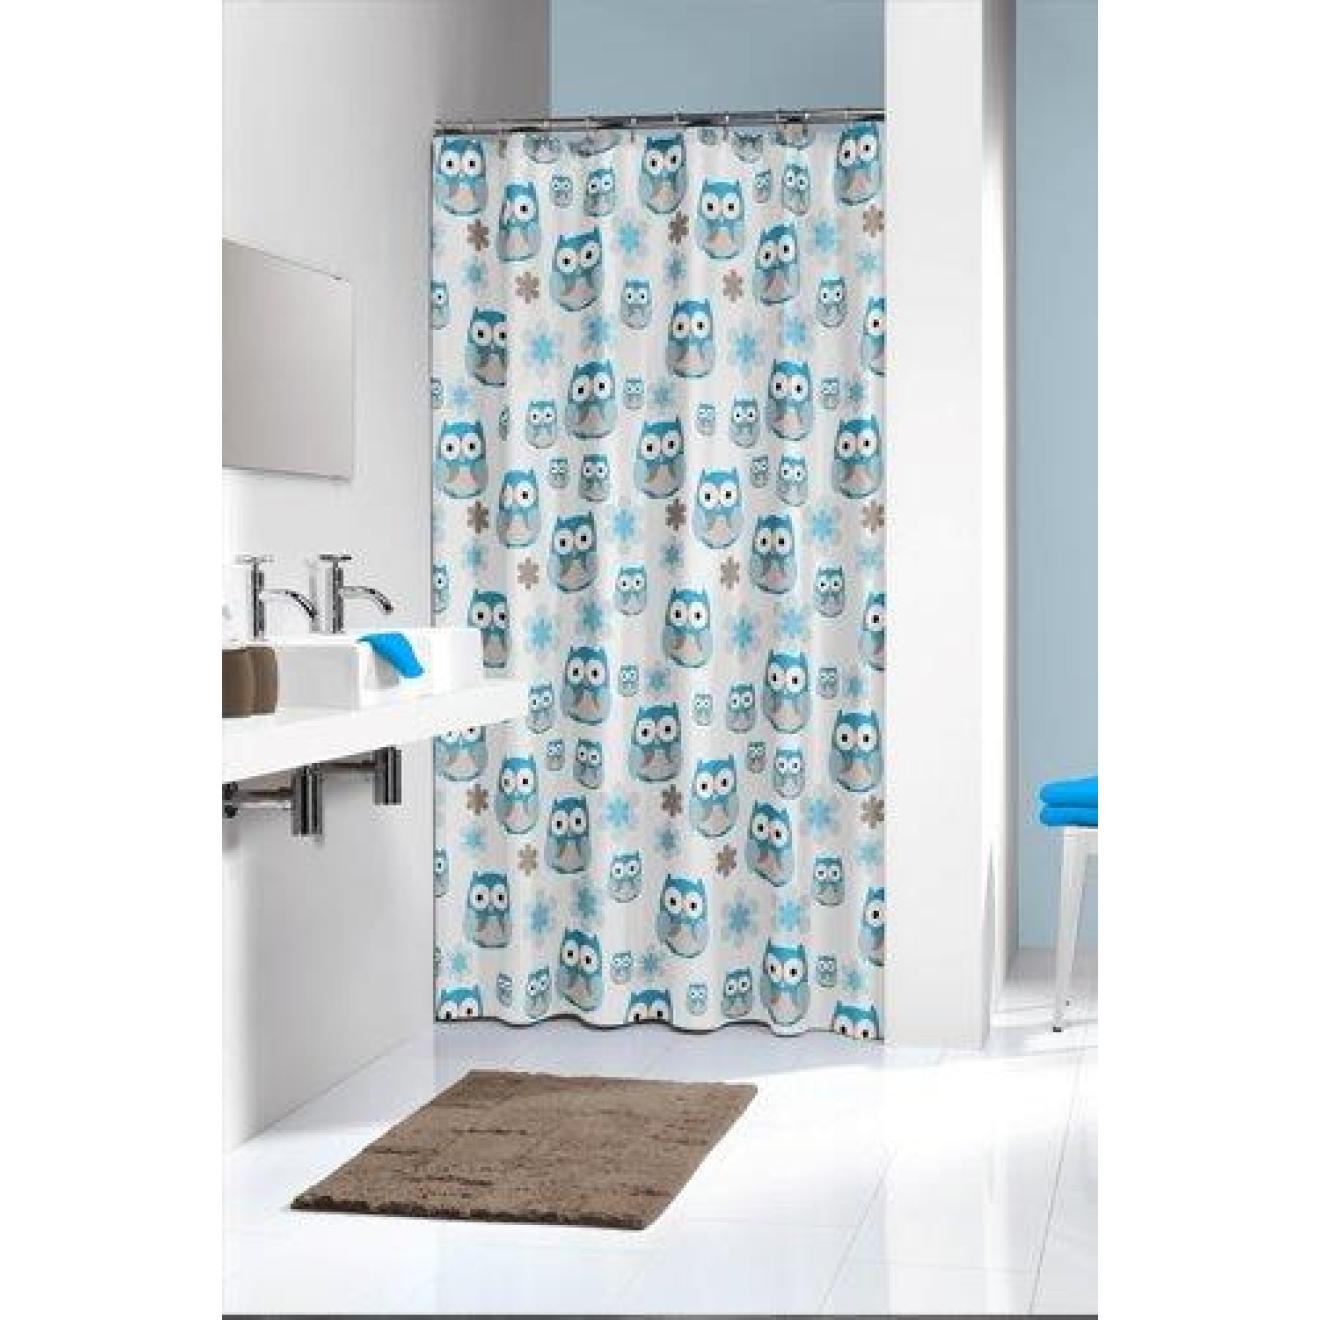 Duschvorhang überlänge duschvorhänge bad und baden ihr duschvorhang shop